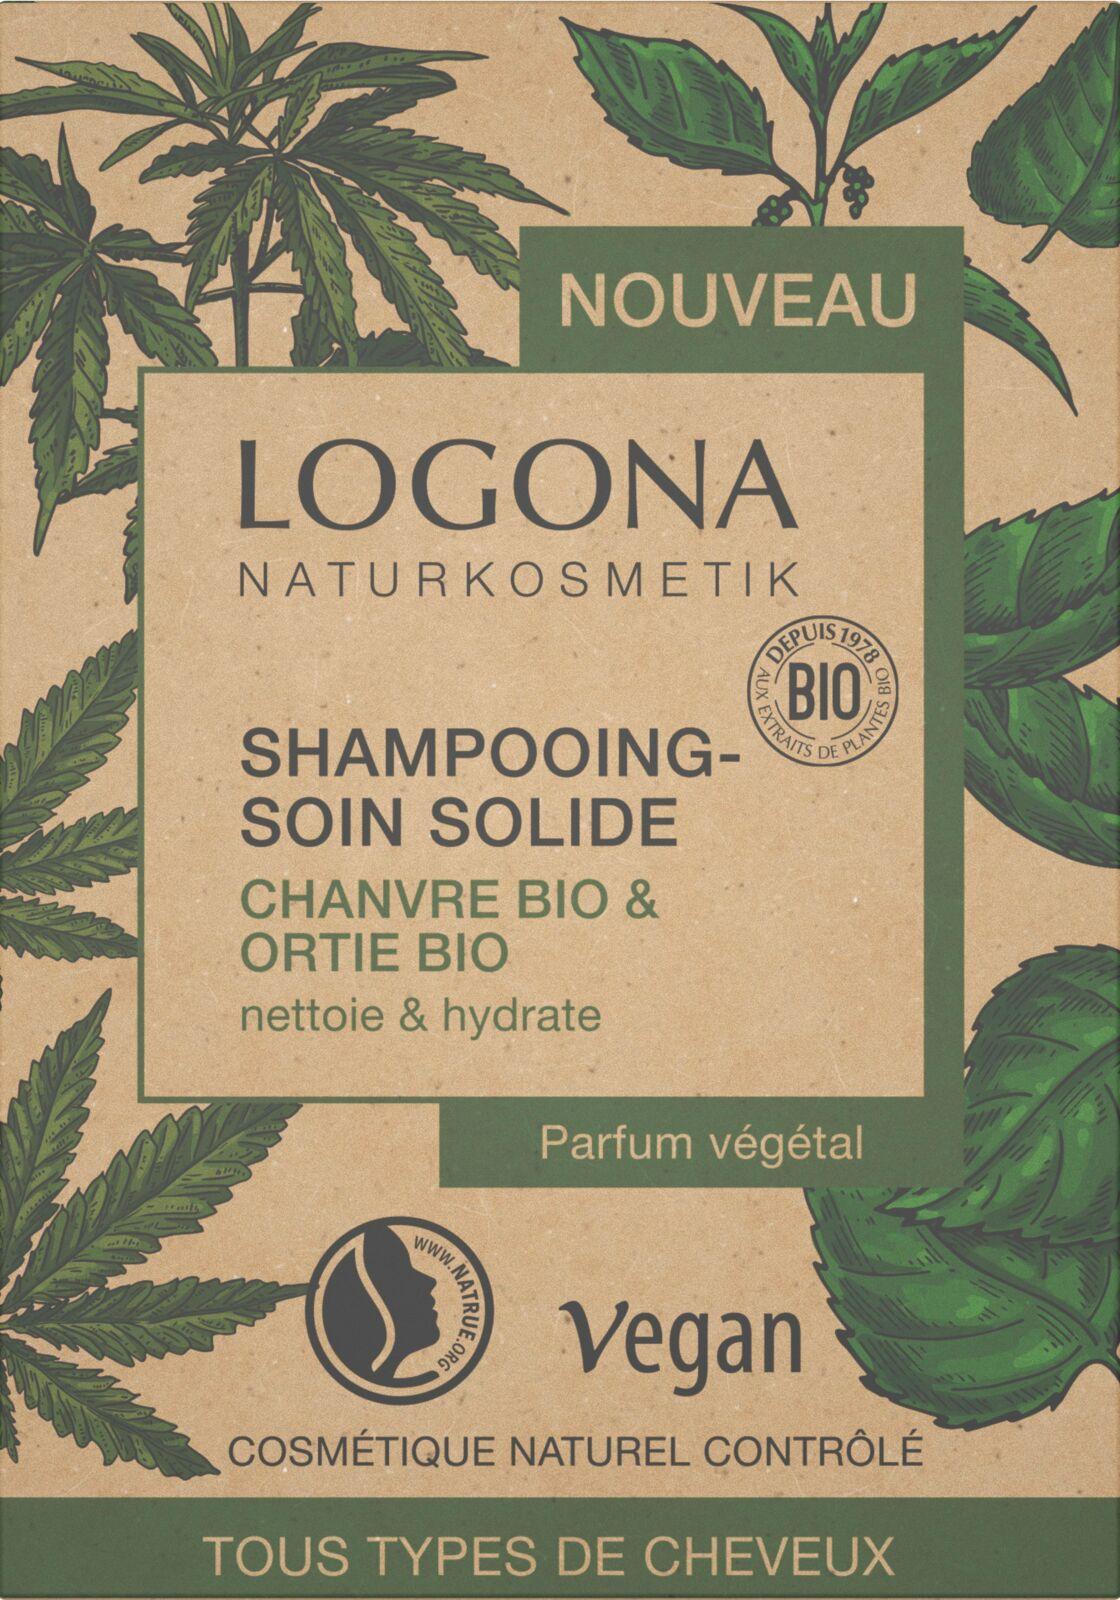 Le shampooing solide Logona est clean et vegan, 9,95 €.